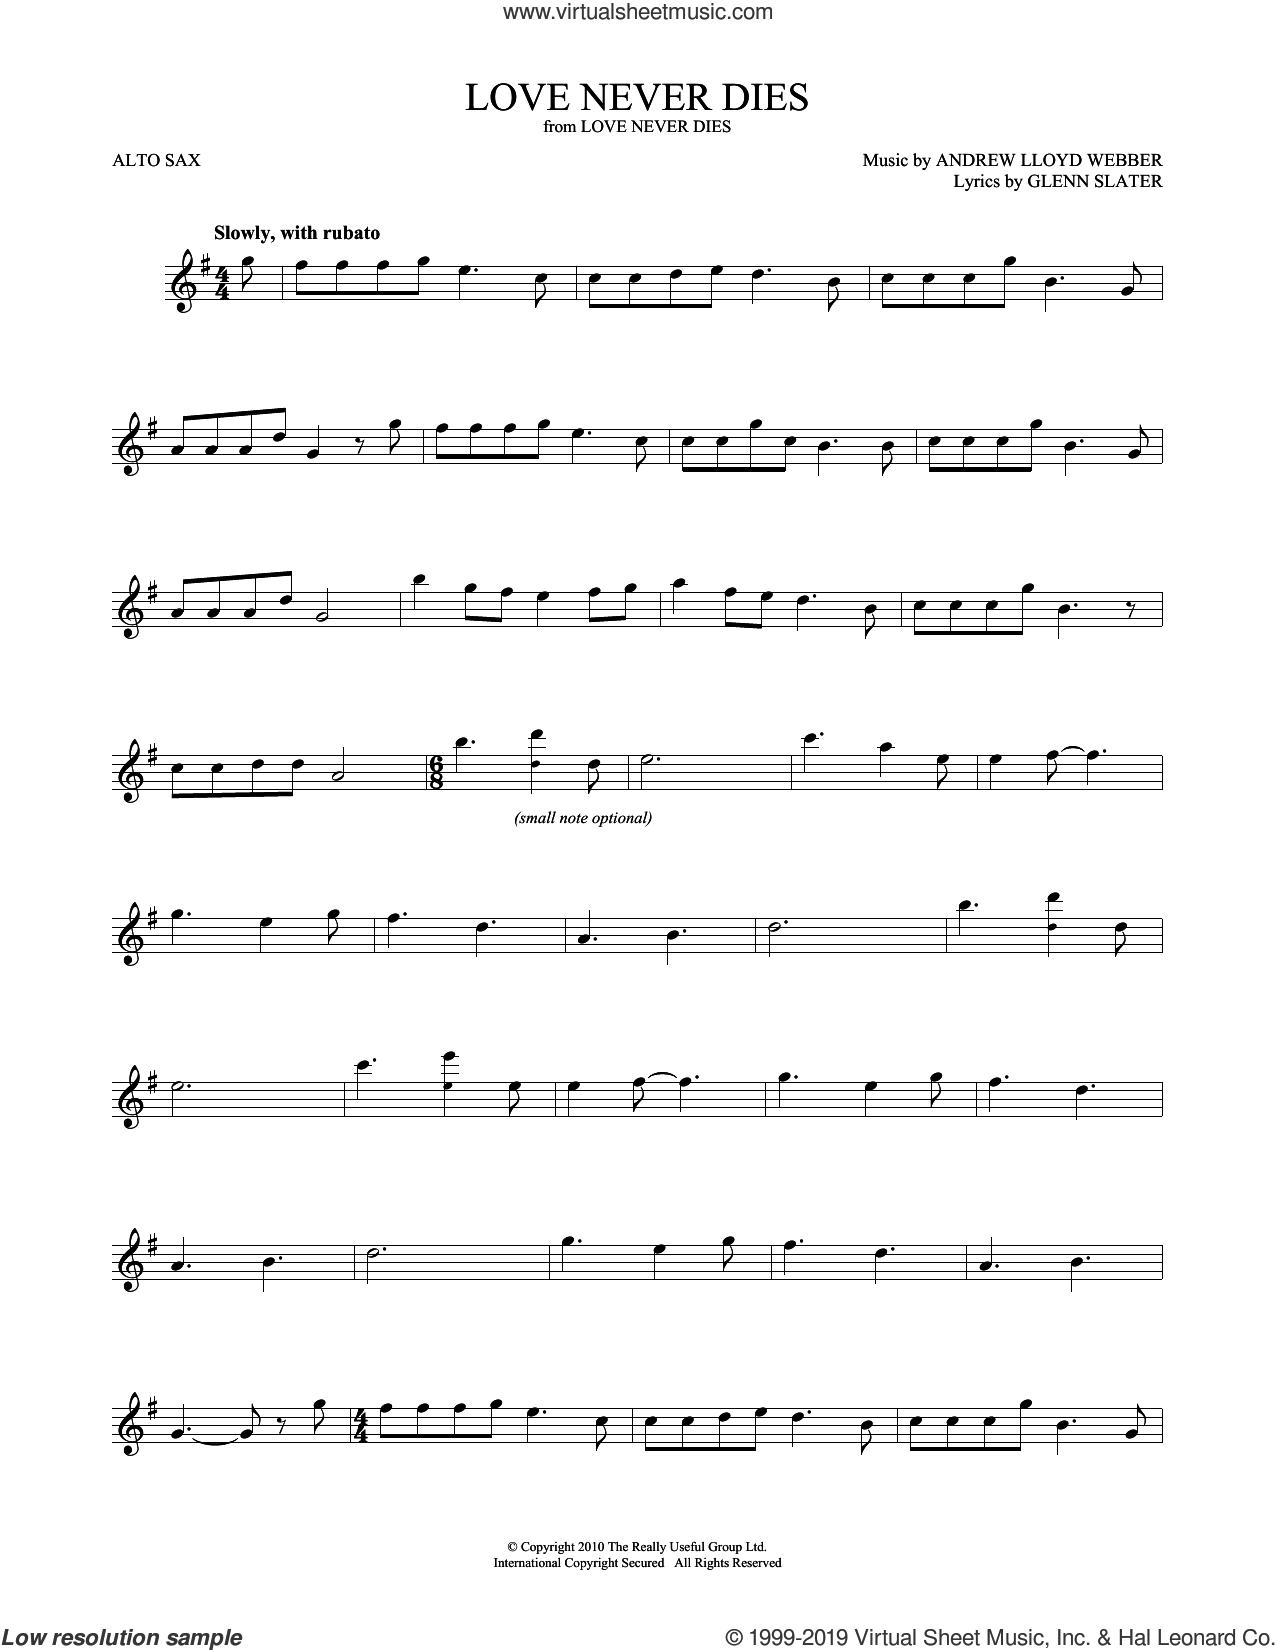 Love Never Dies sheet music for alto saxophone solo by Andrew Lloyd Webber and Glenn Slater, intermediate skill level